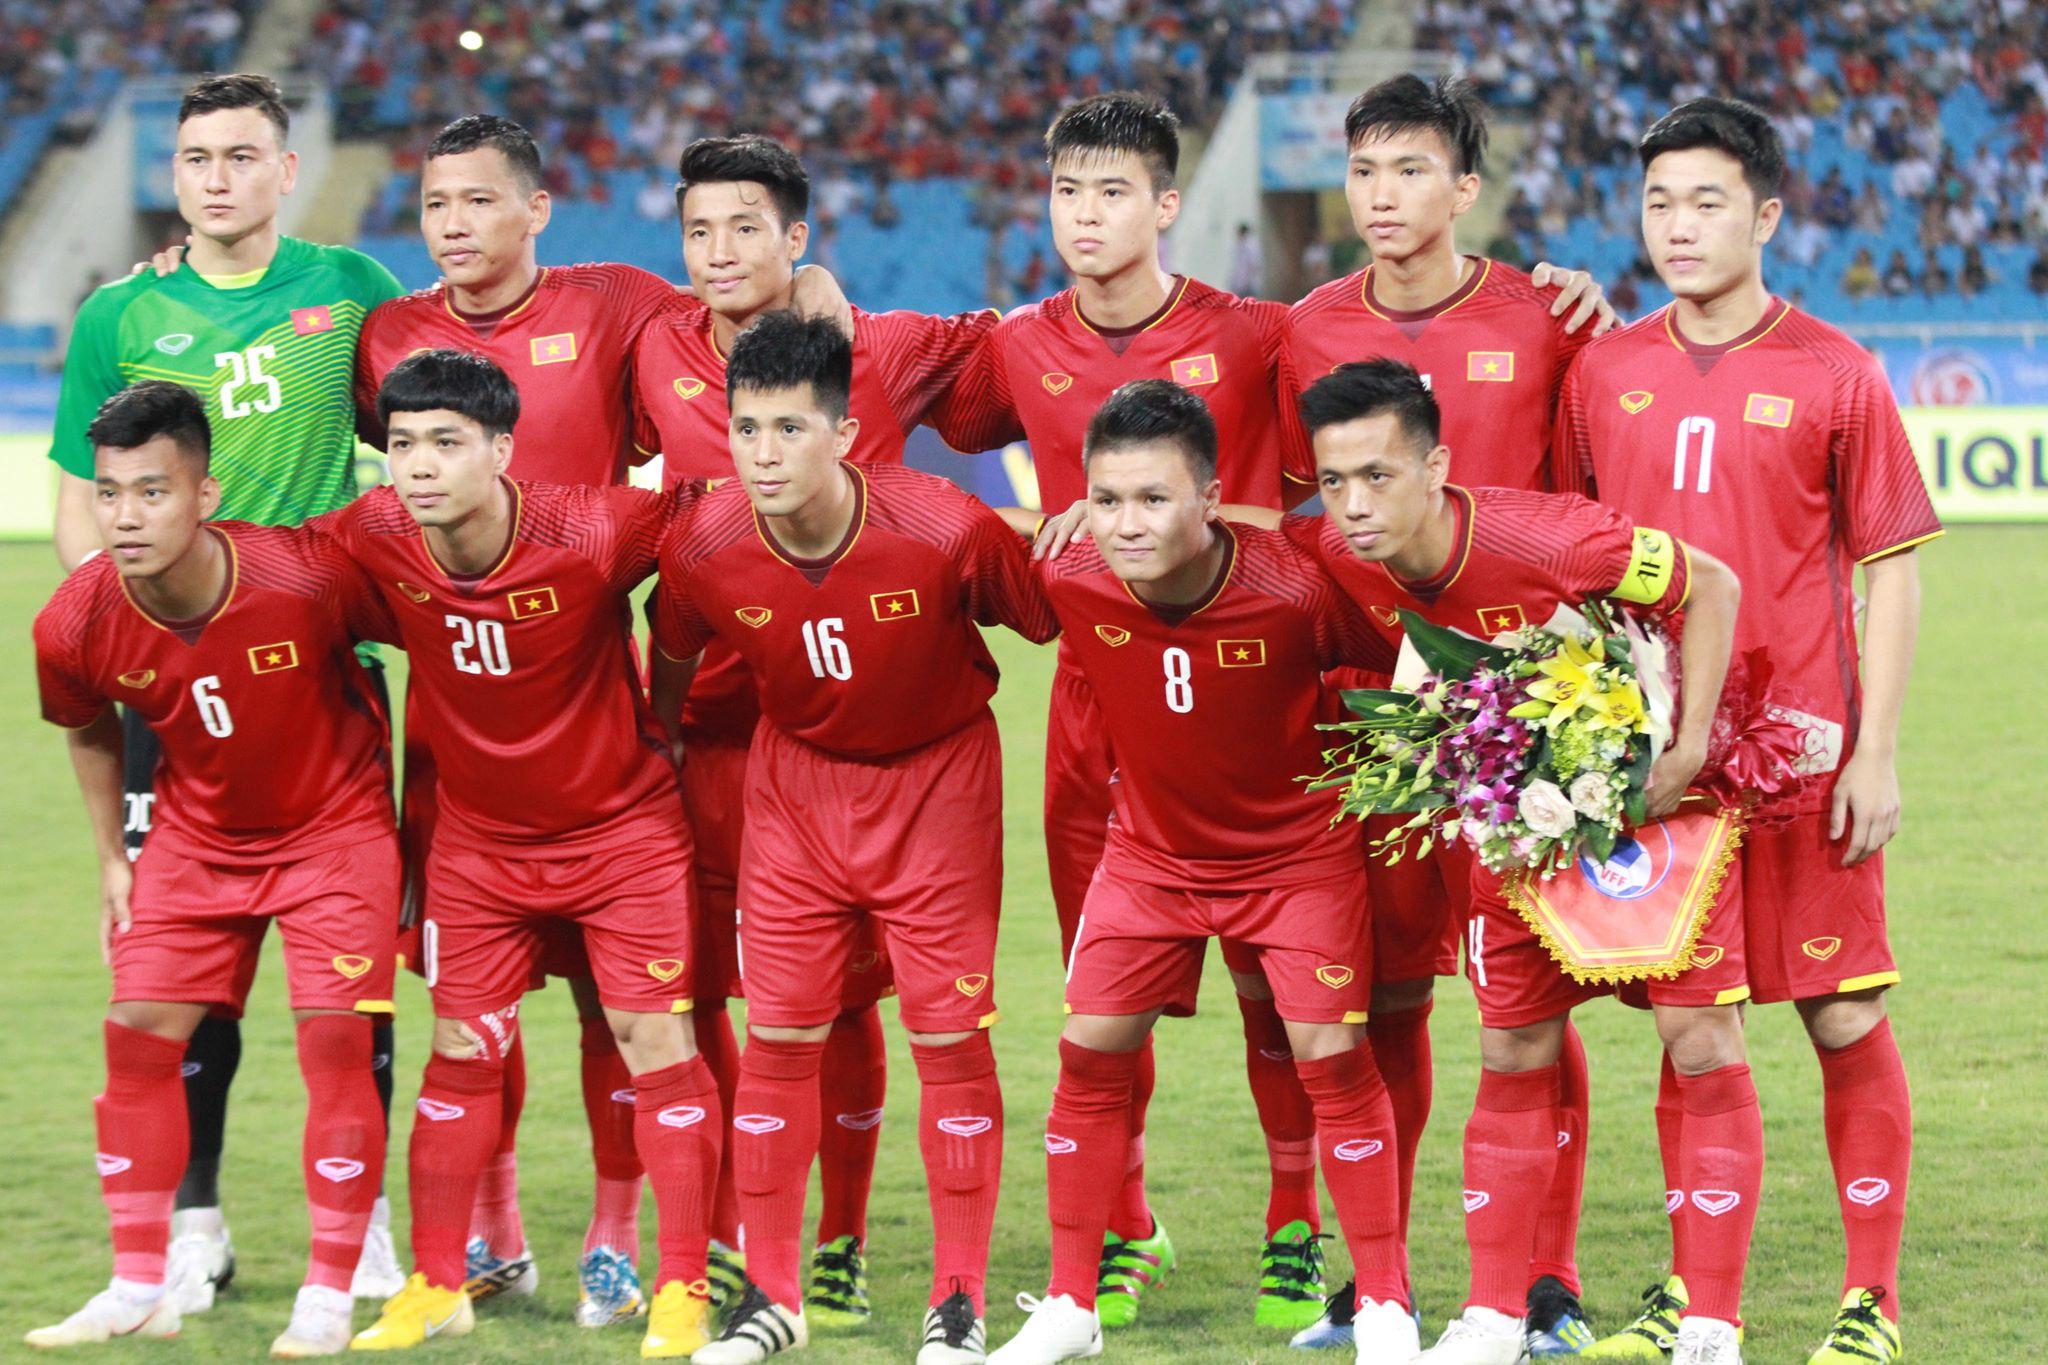 Báo châu Á đưa con số thống kê ấn tượng về ĐT Việt Nam - Bóng Đá